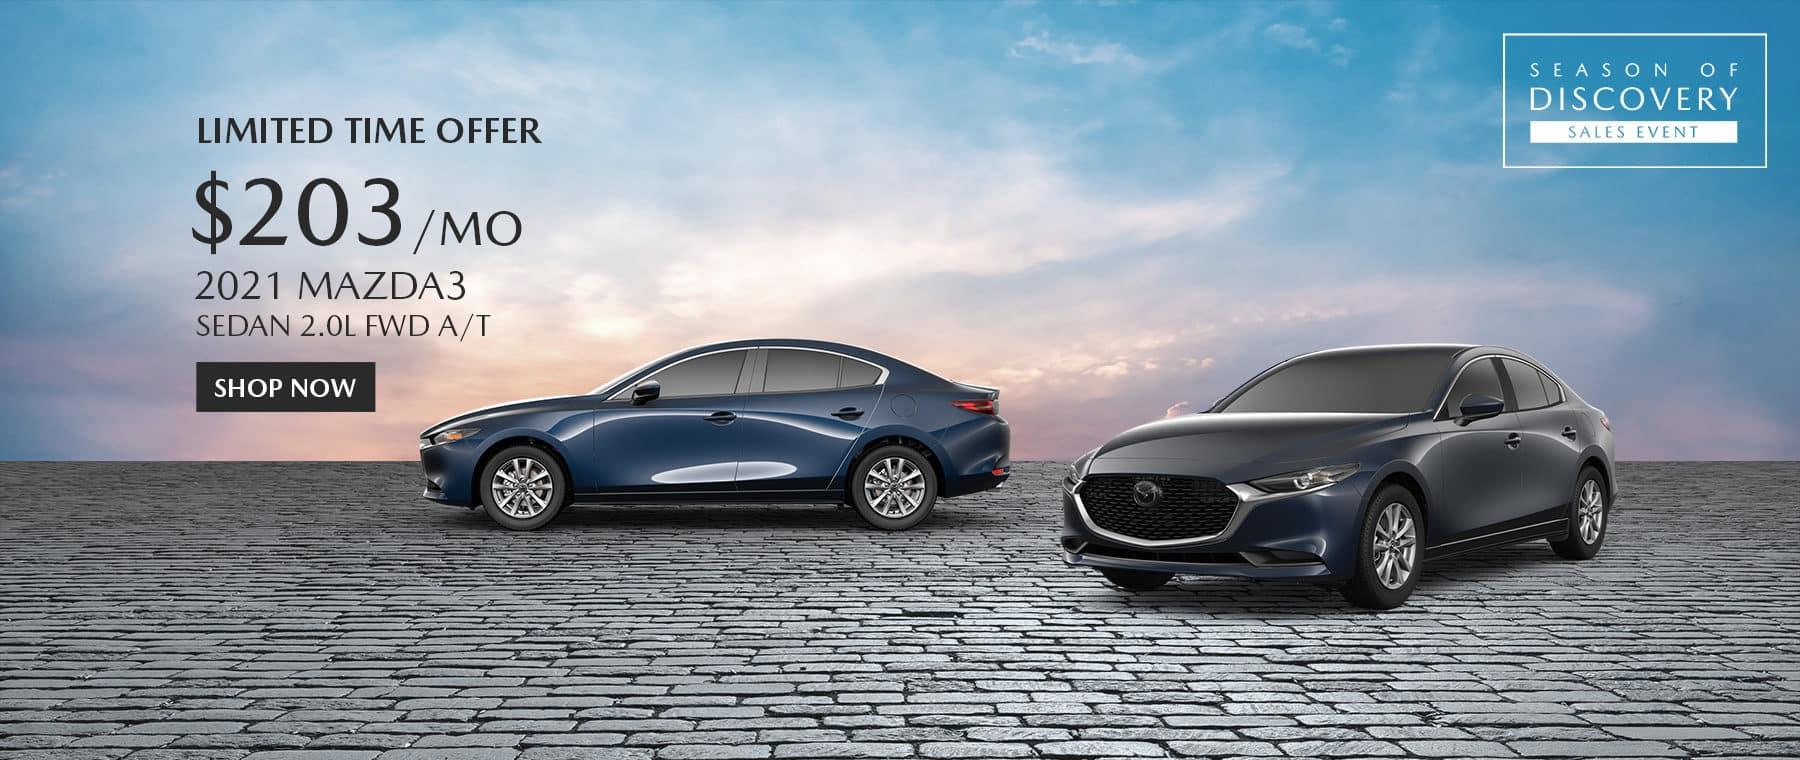 2021 Mazda 3 Special